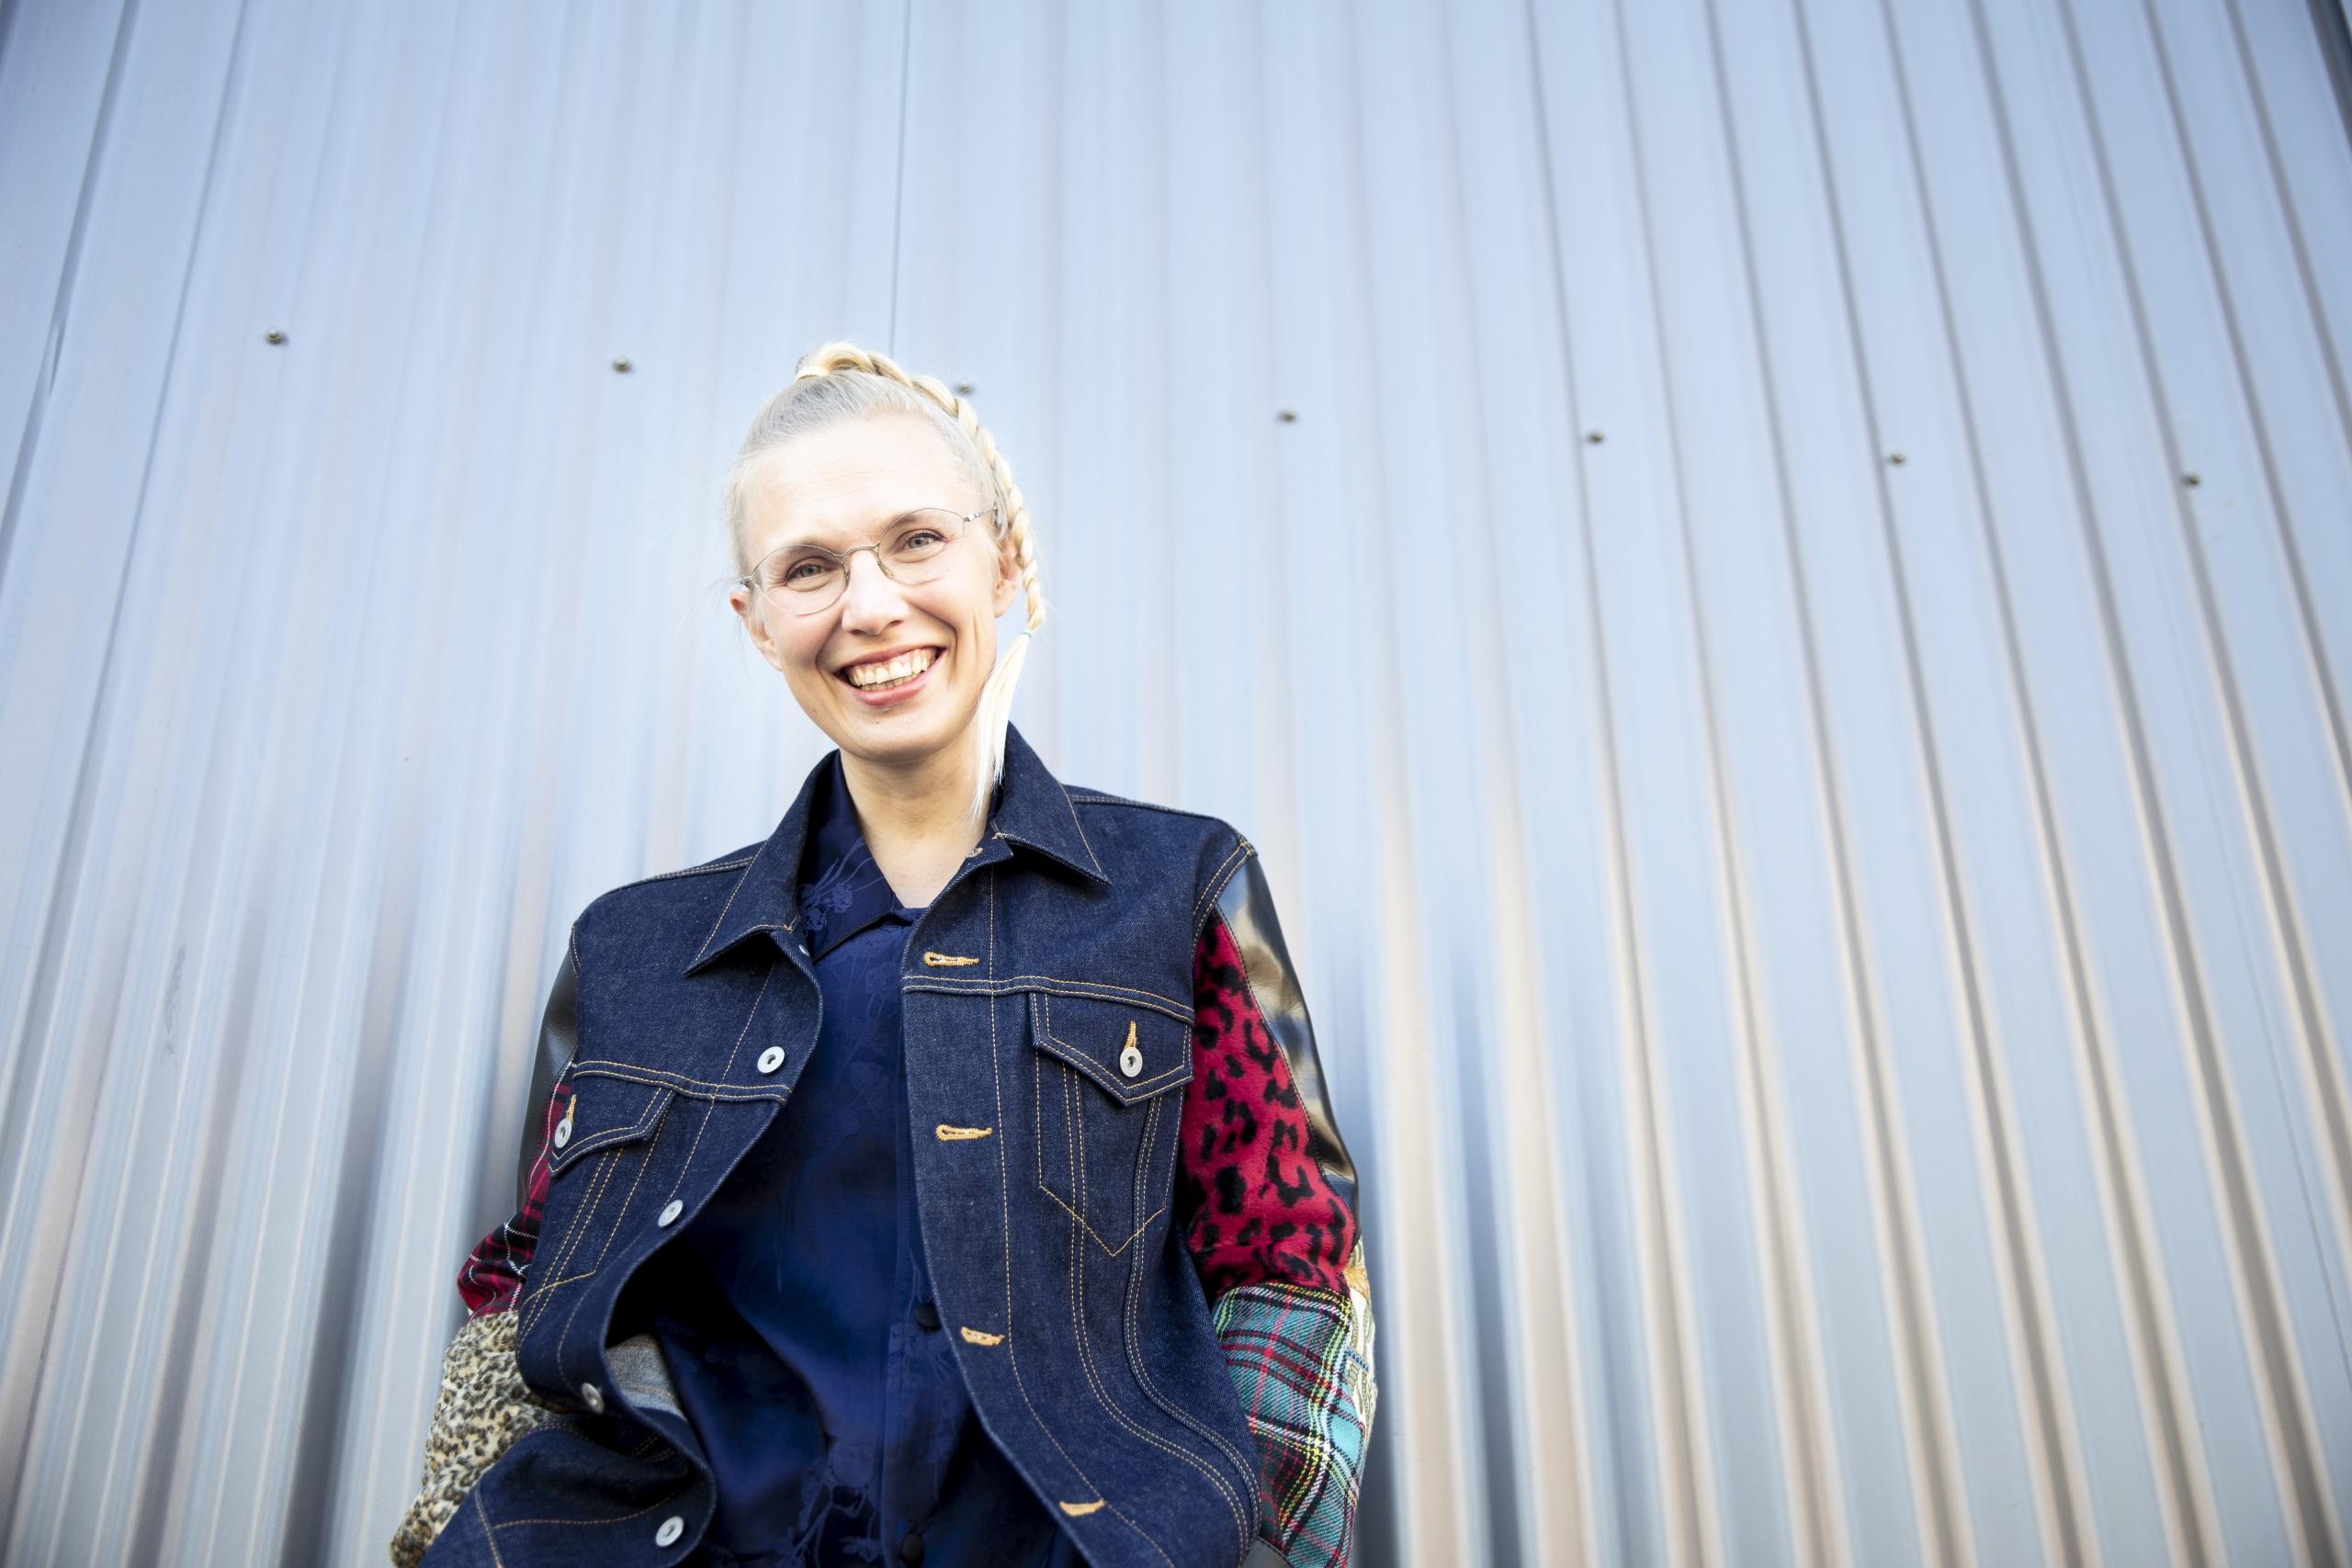 AVEK-palkinnonsaaja 2020 Jenna Sutela, joka hymyilee ja katsoo suoraan kameraan. Taustalla metallinen seinä.